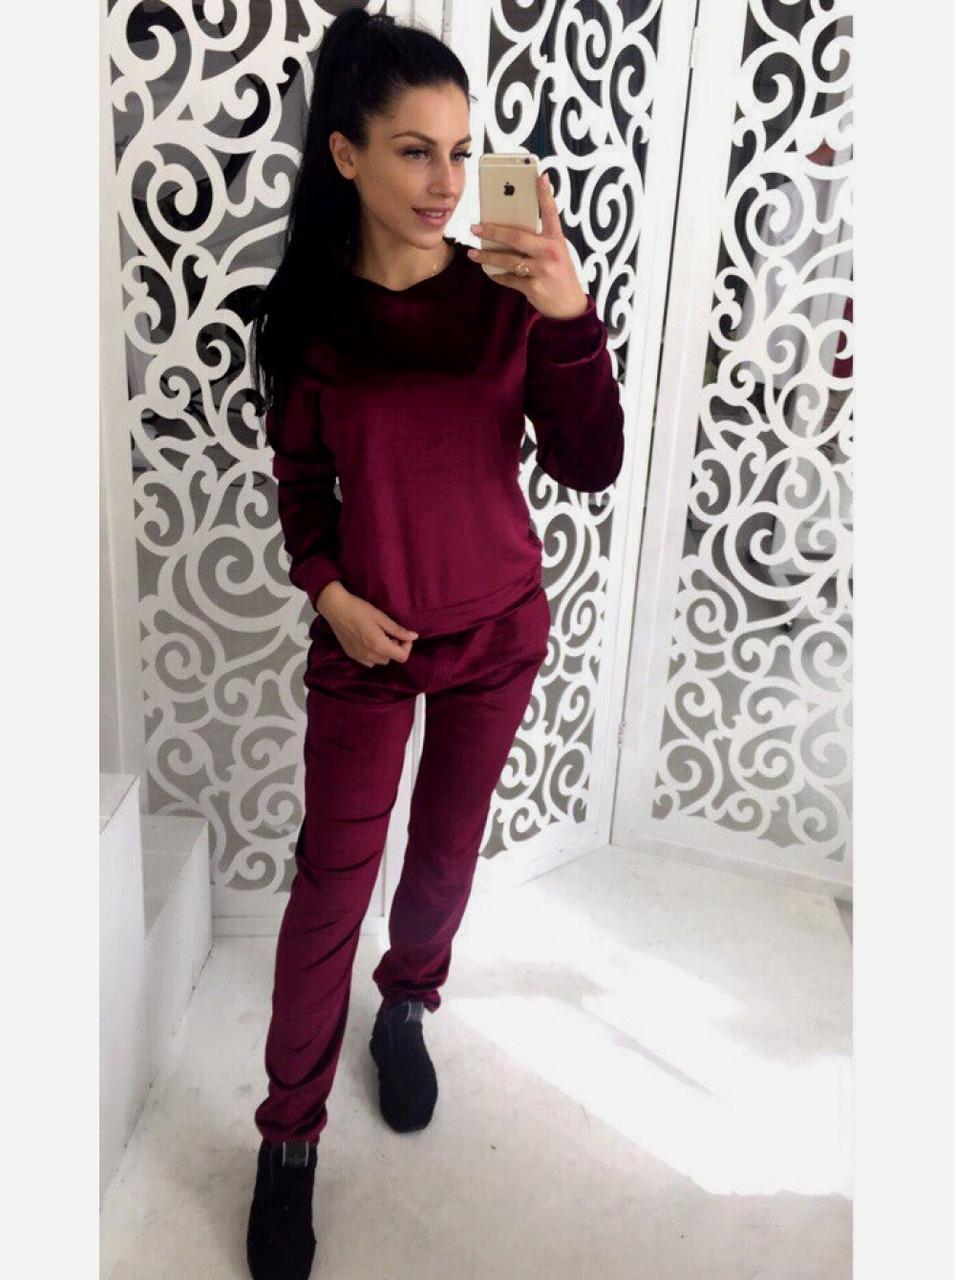 Бархатный велюровый бархат велюр женский спортивный костюм С-ка бордо бордовый марсала марсаловый